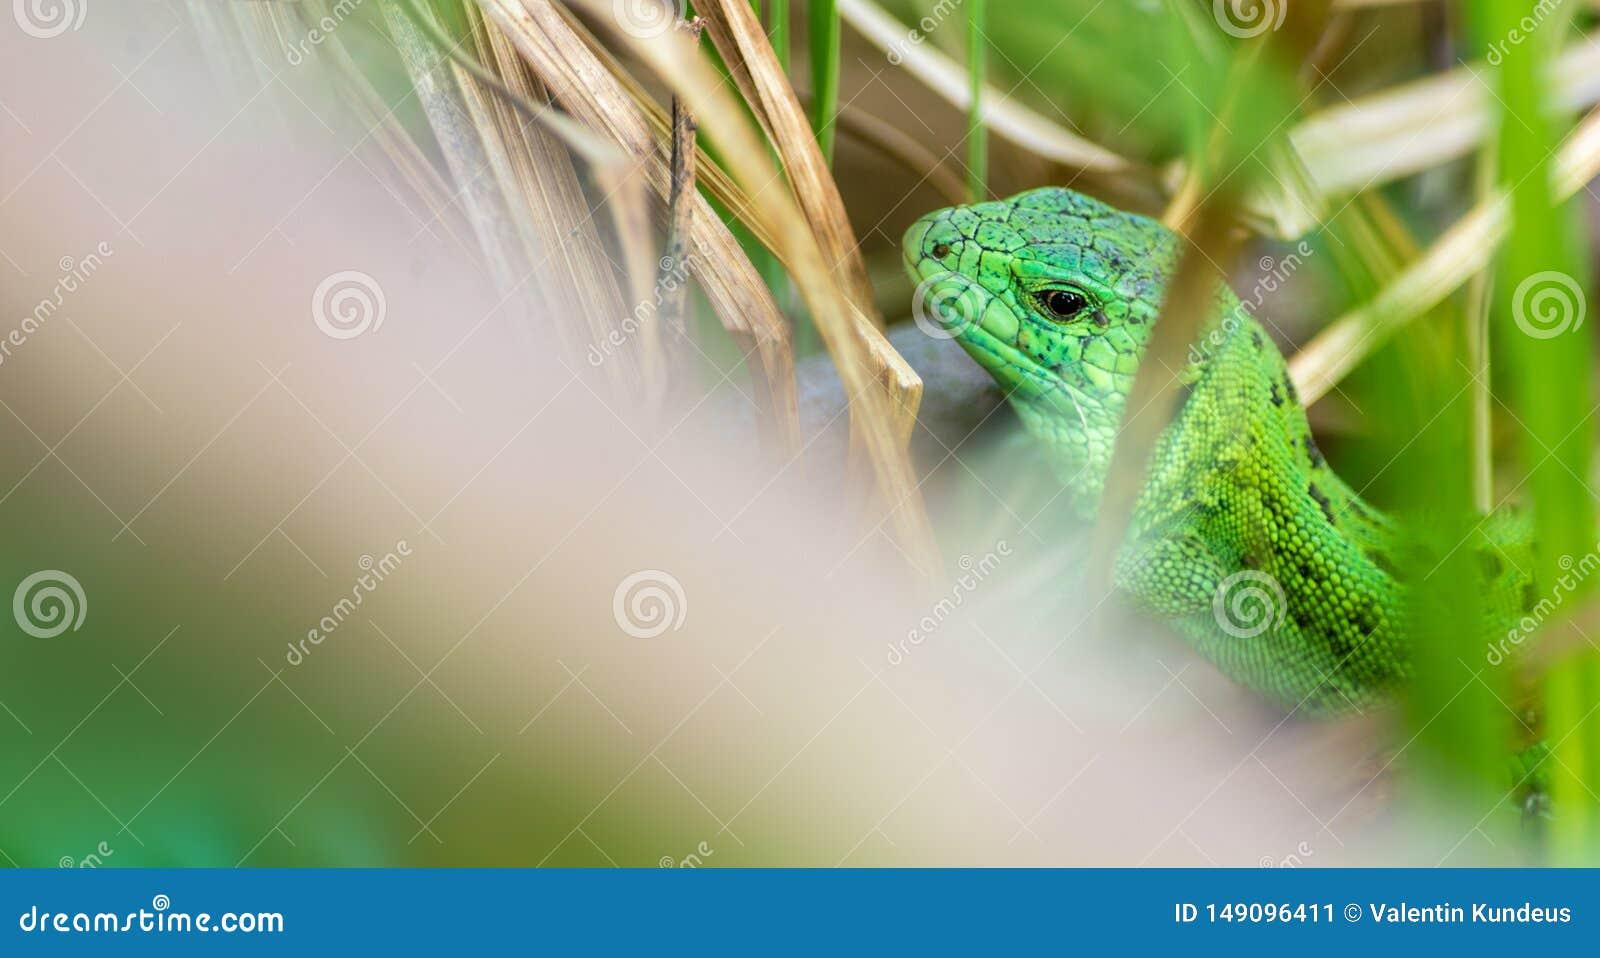 Πράσινη σαύρα στη χλόη Ερπετά Ασυνήθιστα ζώα Ζωή στις άγρια περιοχές r